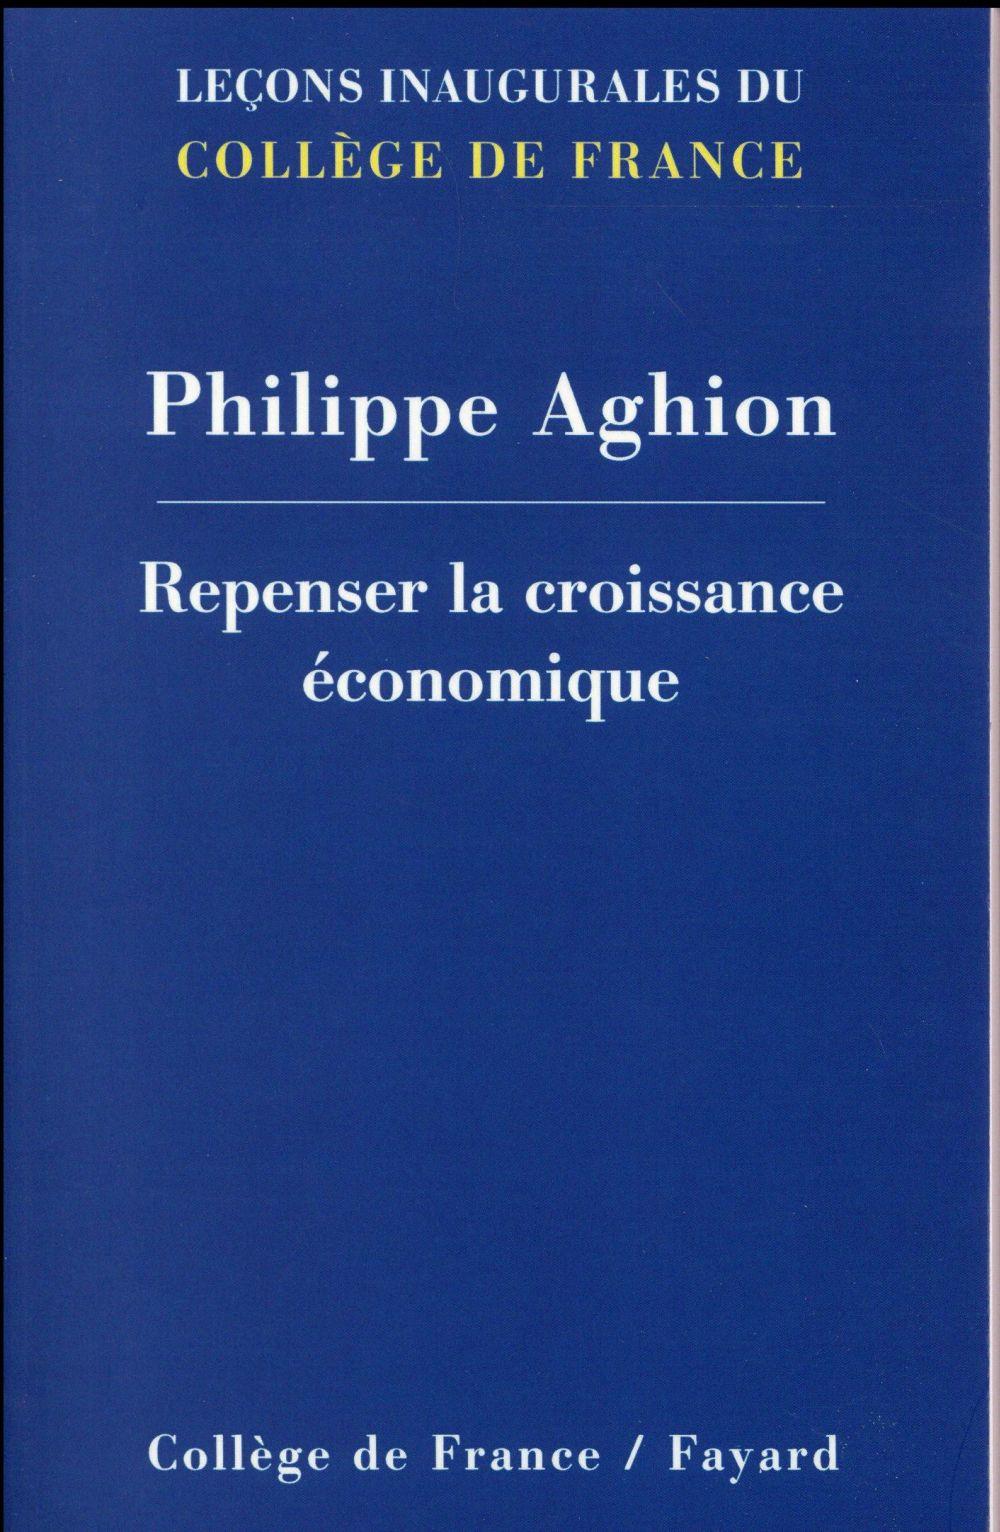 REPENSER LA CROISSANCE ECONOMIQUE Aghion Philippe Collège de France